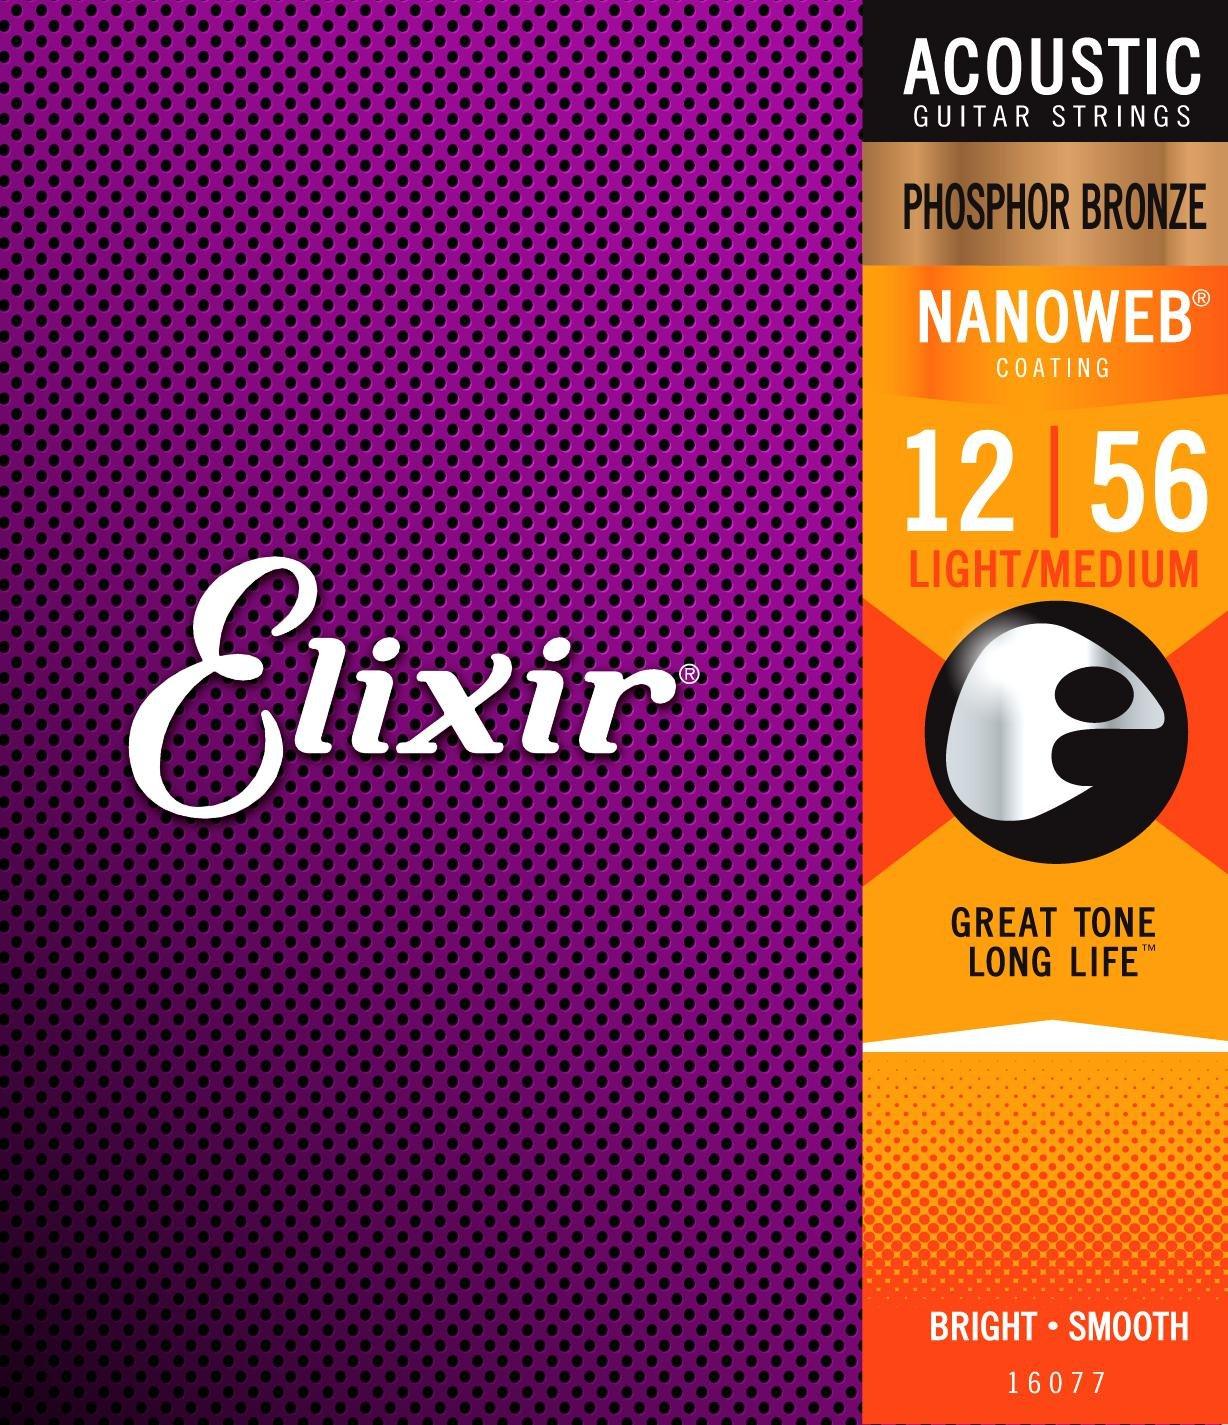 цена на Elixir Original 16077 Acoustic Phosphor Bronze with NANOWEB Coating Light-Medium 12-56